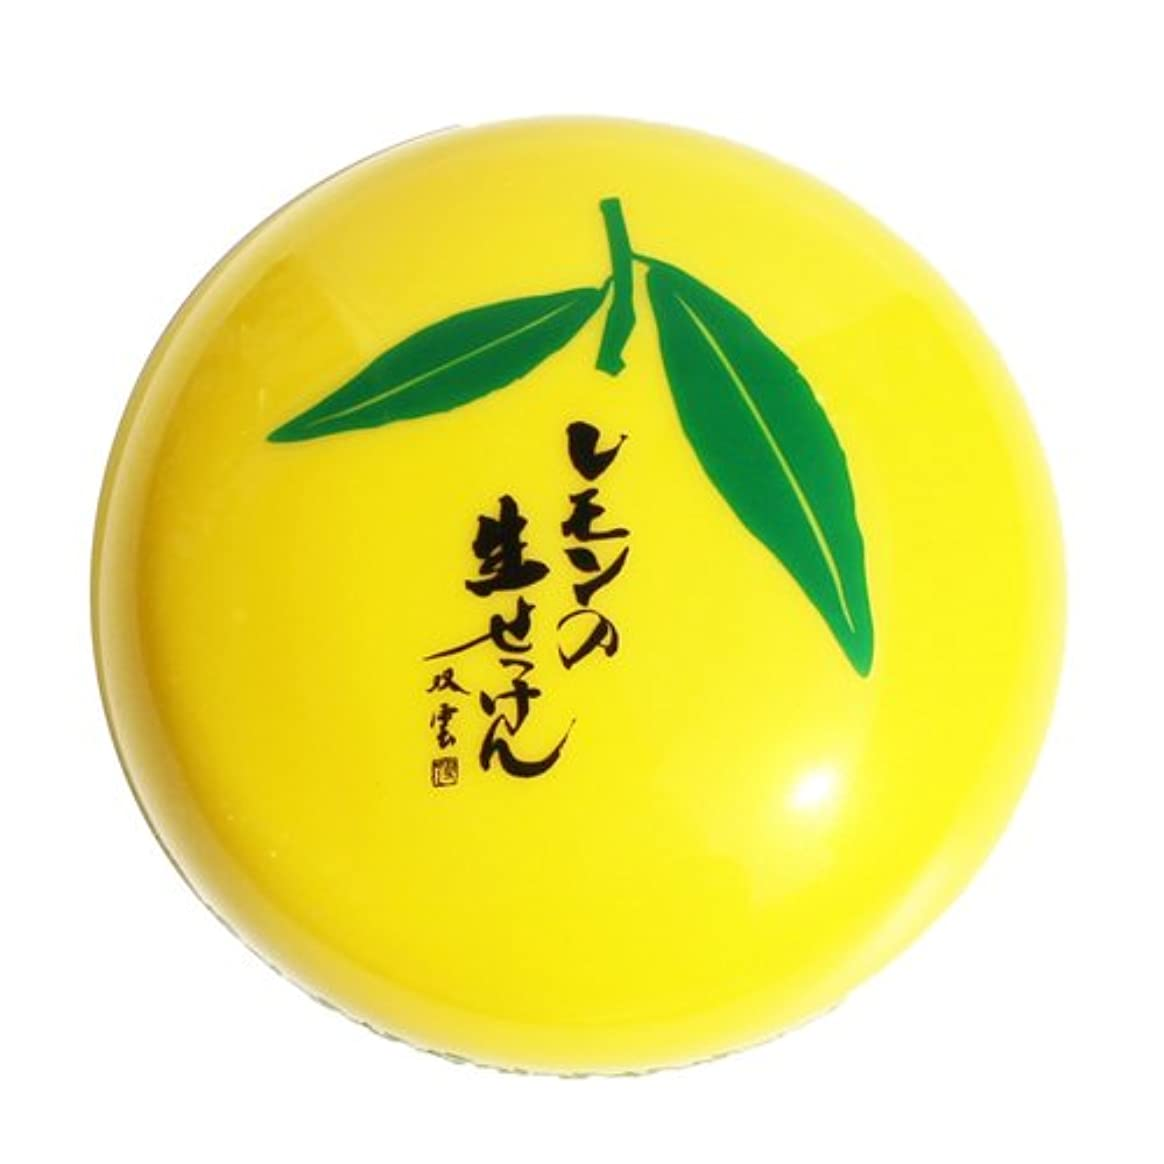 宇宙楽な消化美香柑 レモンの生せっけん 120g